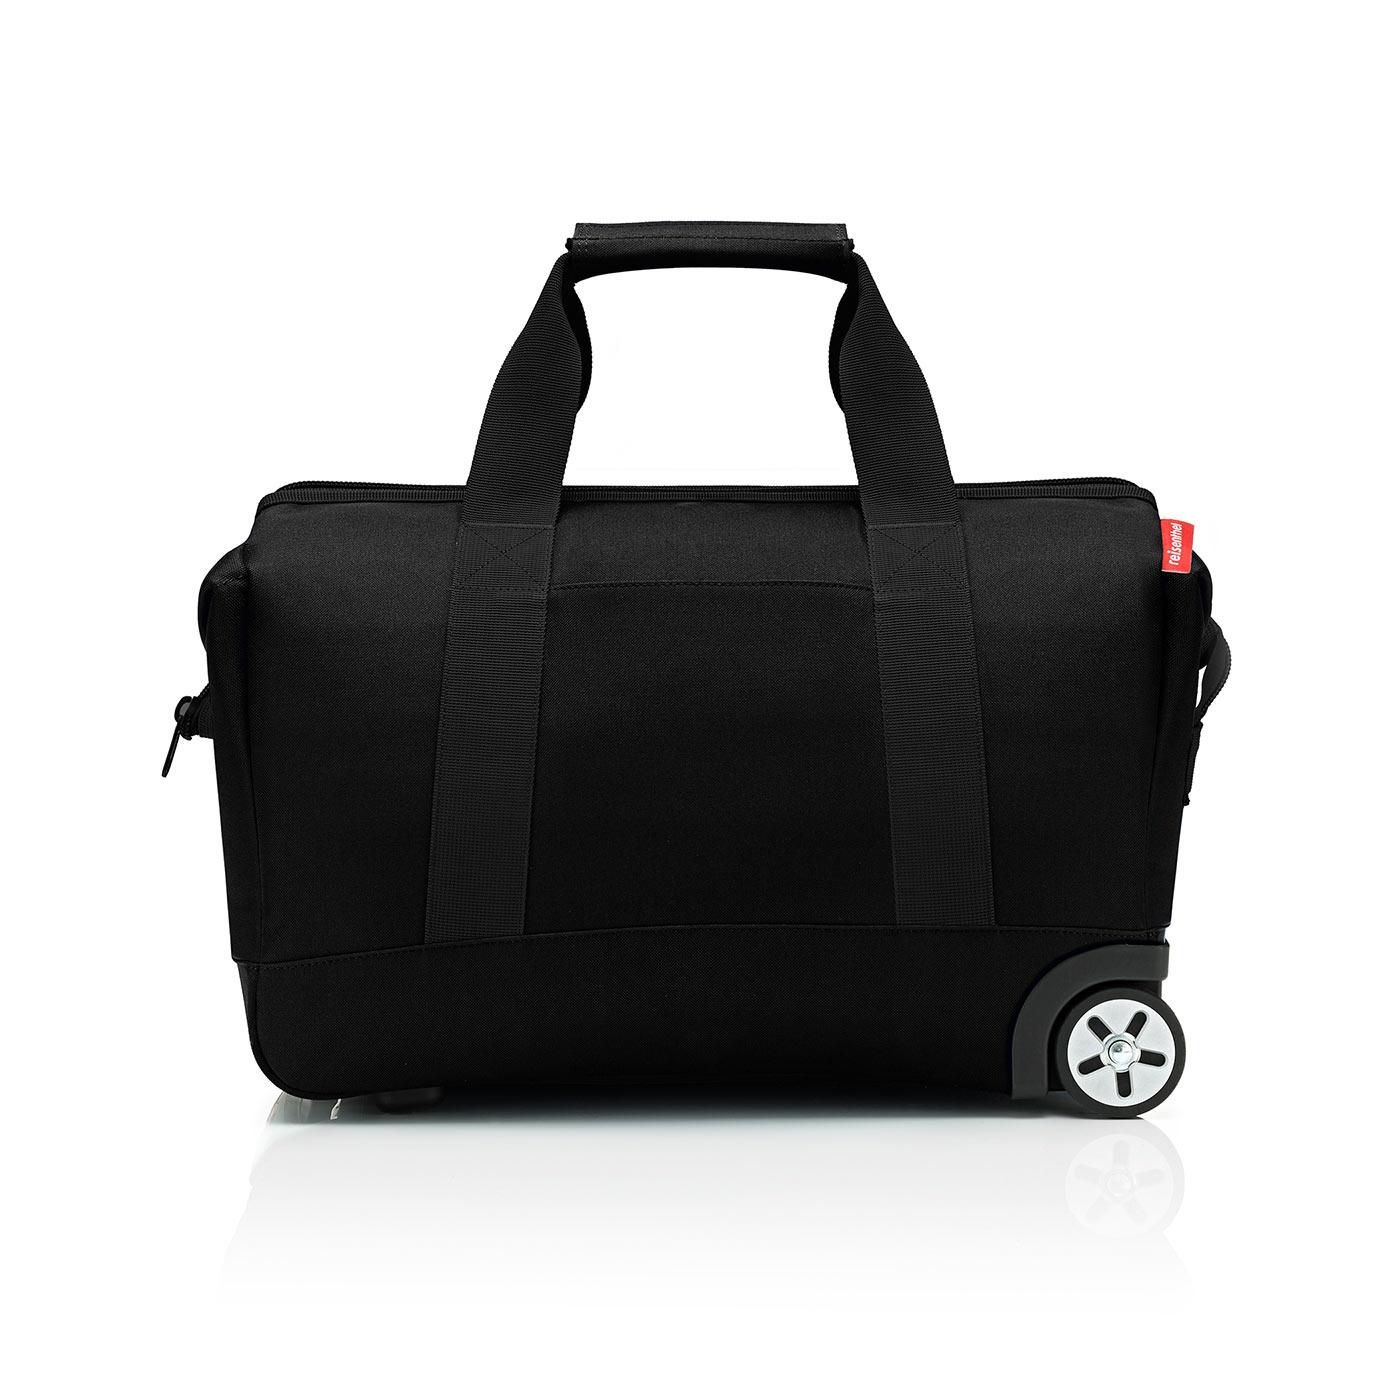 allrounder trolley schwarz BxHxT [mm] = 510 x 395 x 320 Volumen: 30 L, Gewicht: 2090 gr